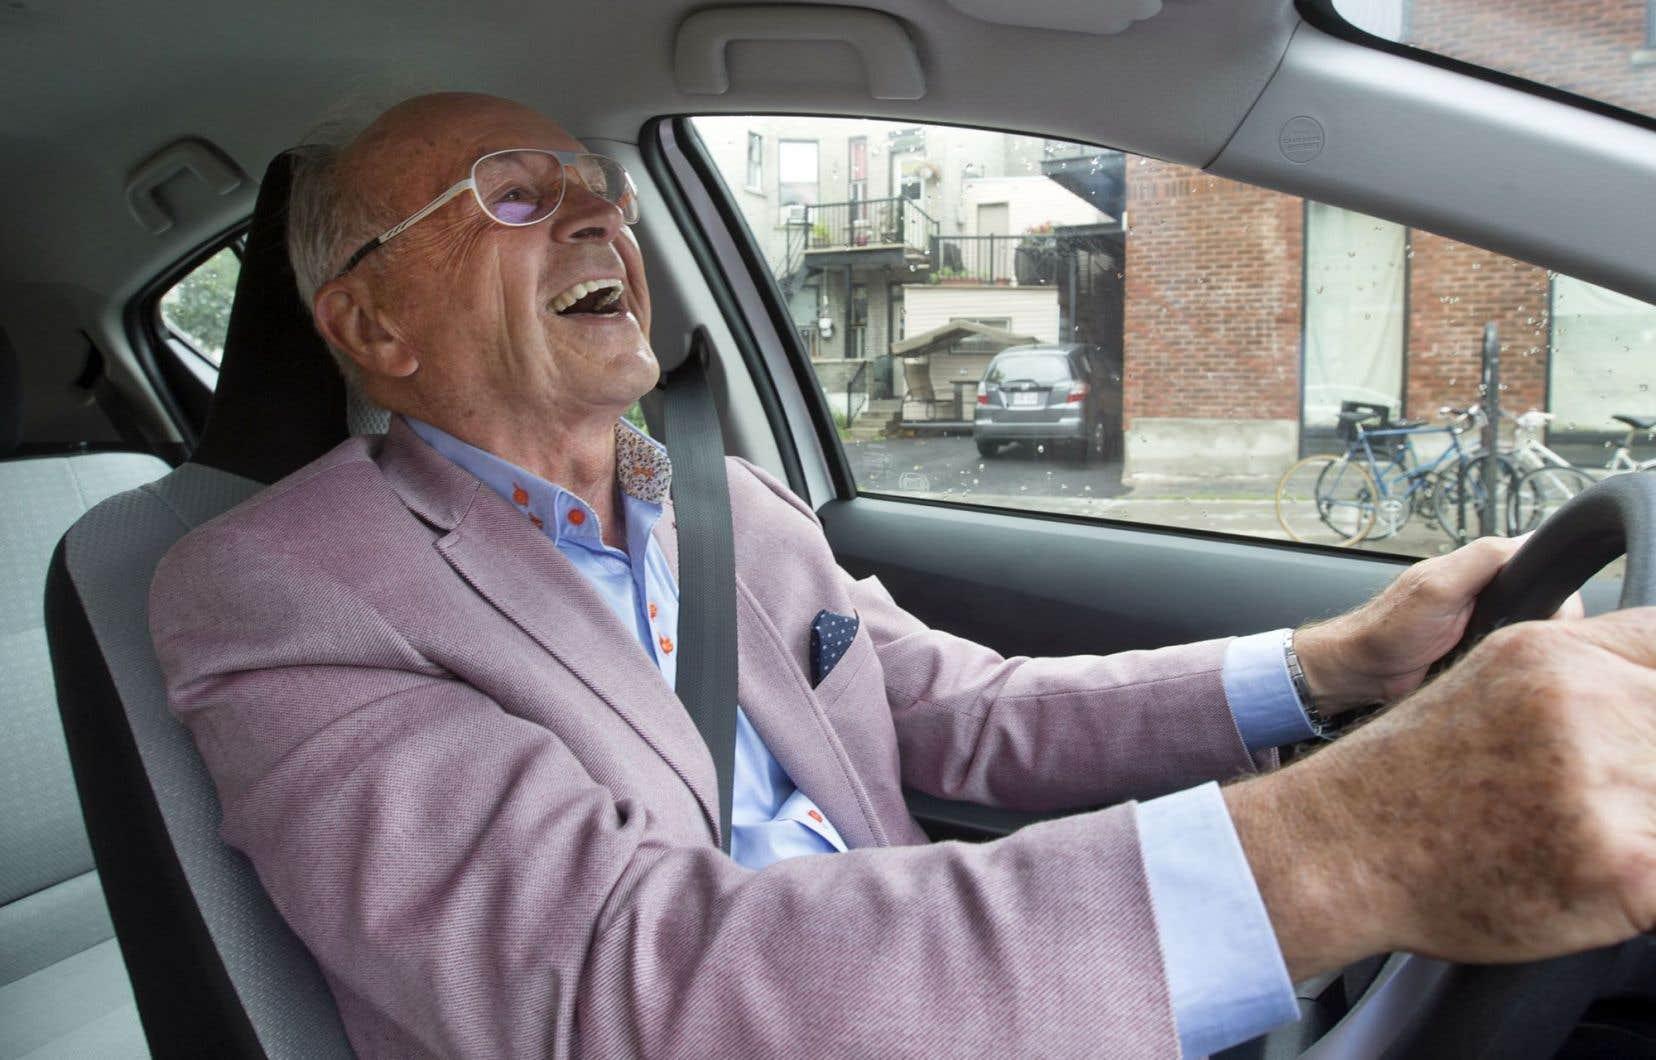 Dans le livre souvenir sur le 50eanniversaire du <em>Guide de l'auto</em>, Alain Stanké, éditeur de la première parution en 1967 et véritable frère pour Jacques Duval, se targue d'être celui qui a enseigné au célèbre journaliste automobile à conduire. Duval éclate de rire. «Il y a de l'exagération… Mais je le laisse dire car il est convaincu de son affaire!»